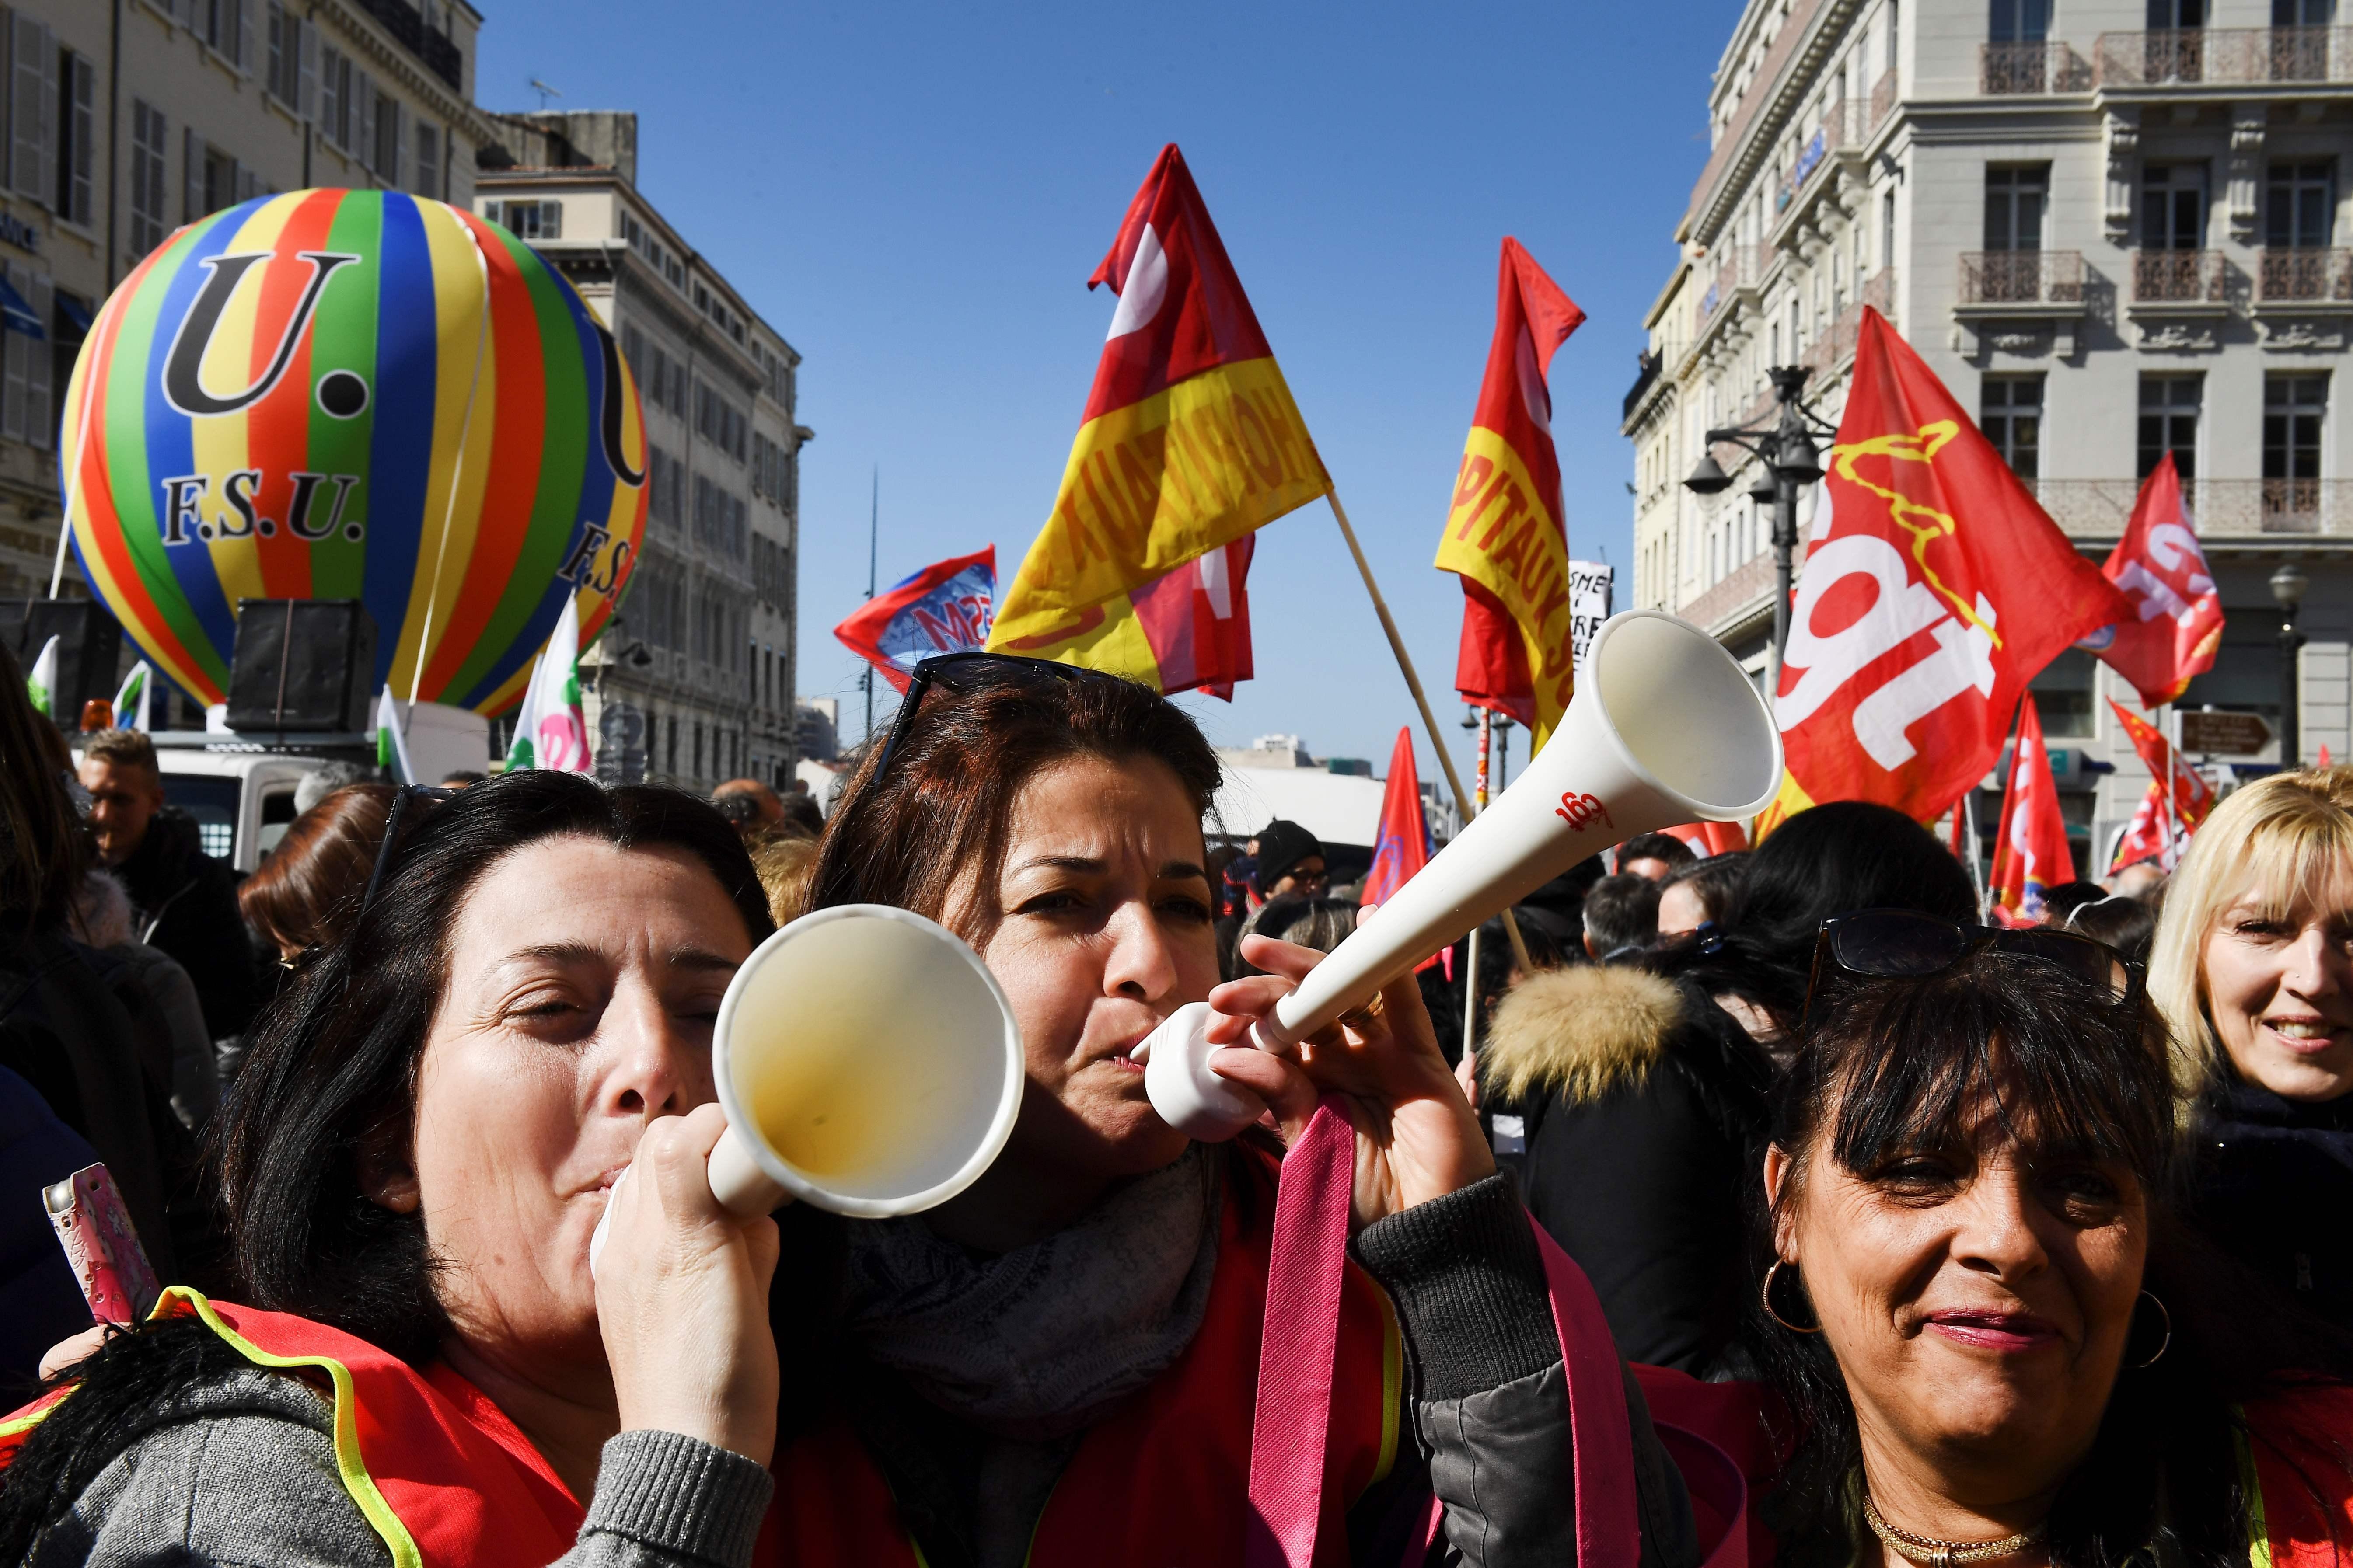 سيدات فرنسا يشاركن فى الاحتجاجات